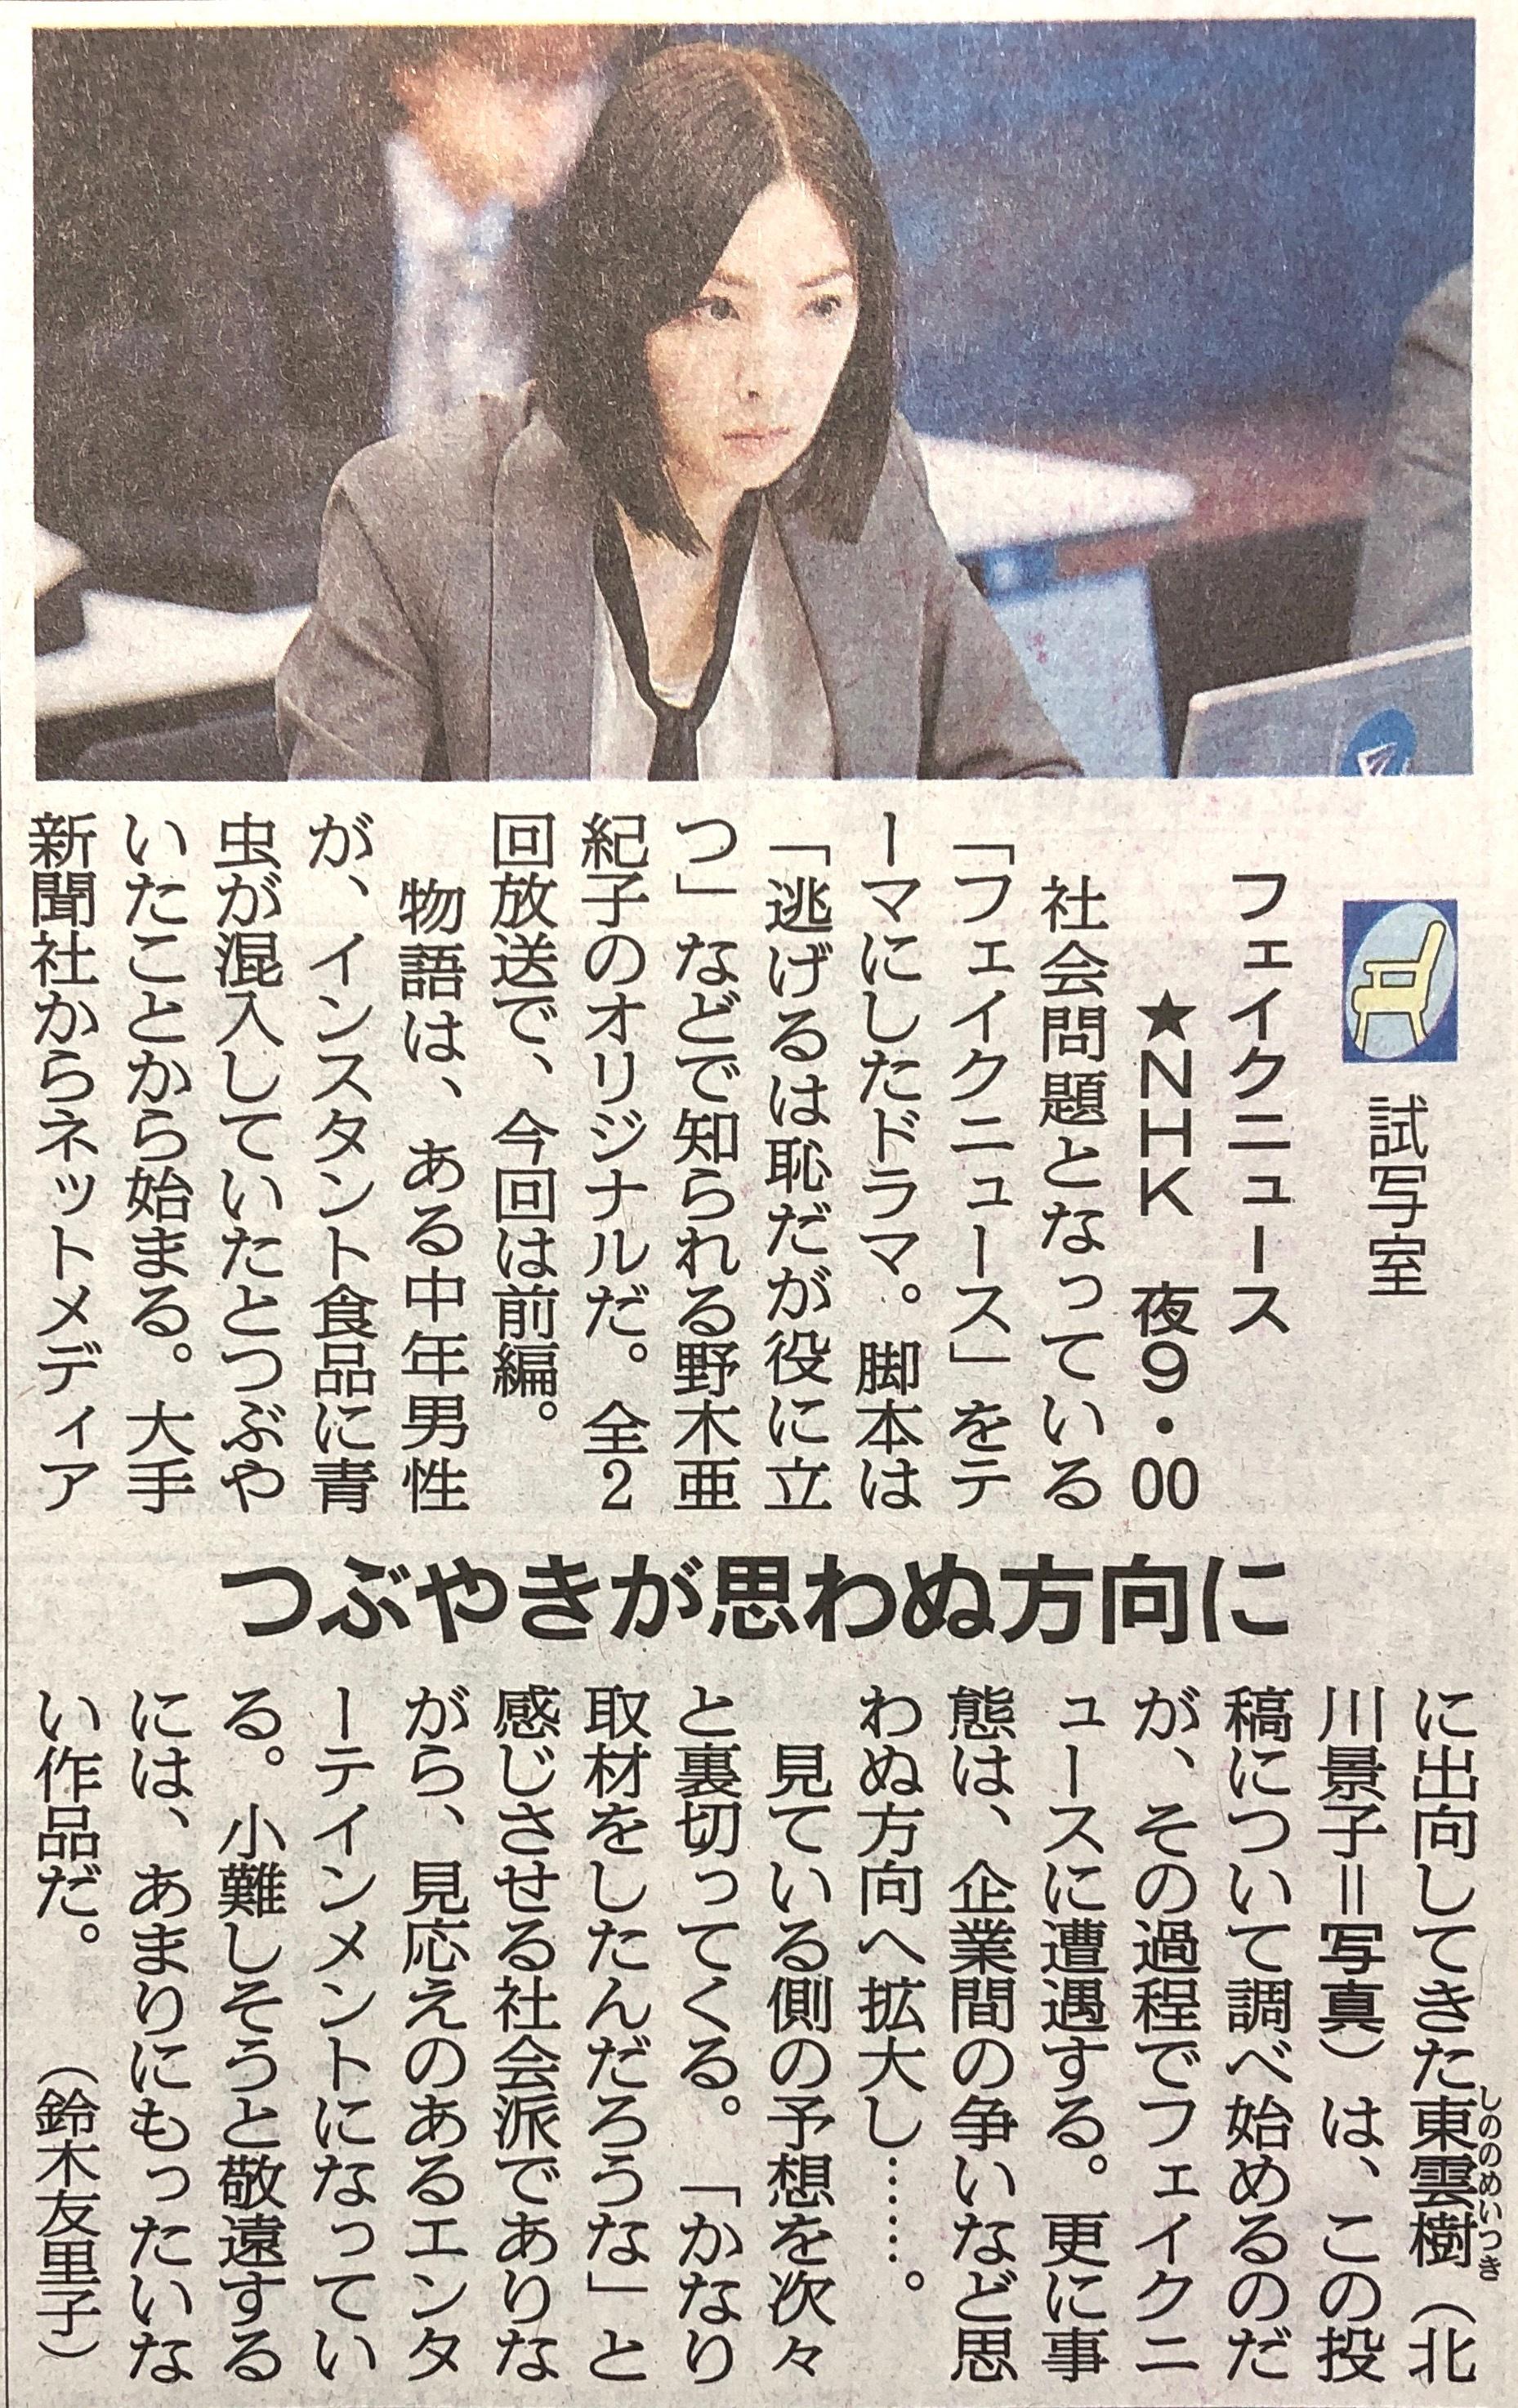 NHK土曜ドラマ フェイクニュース